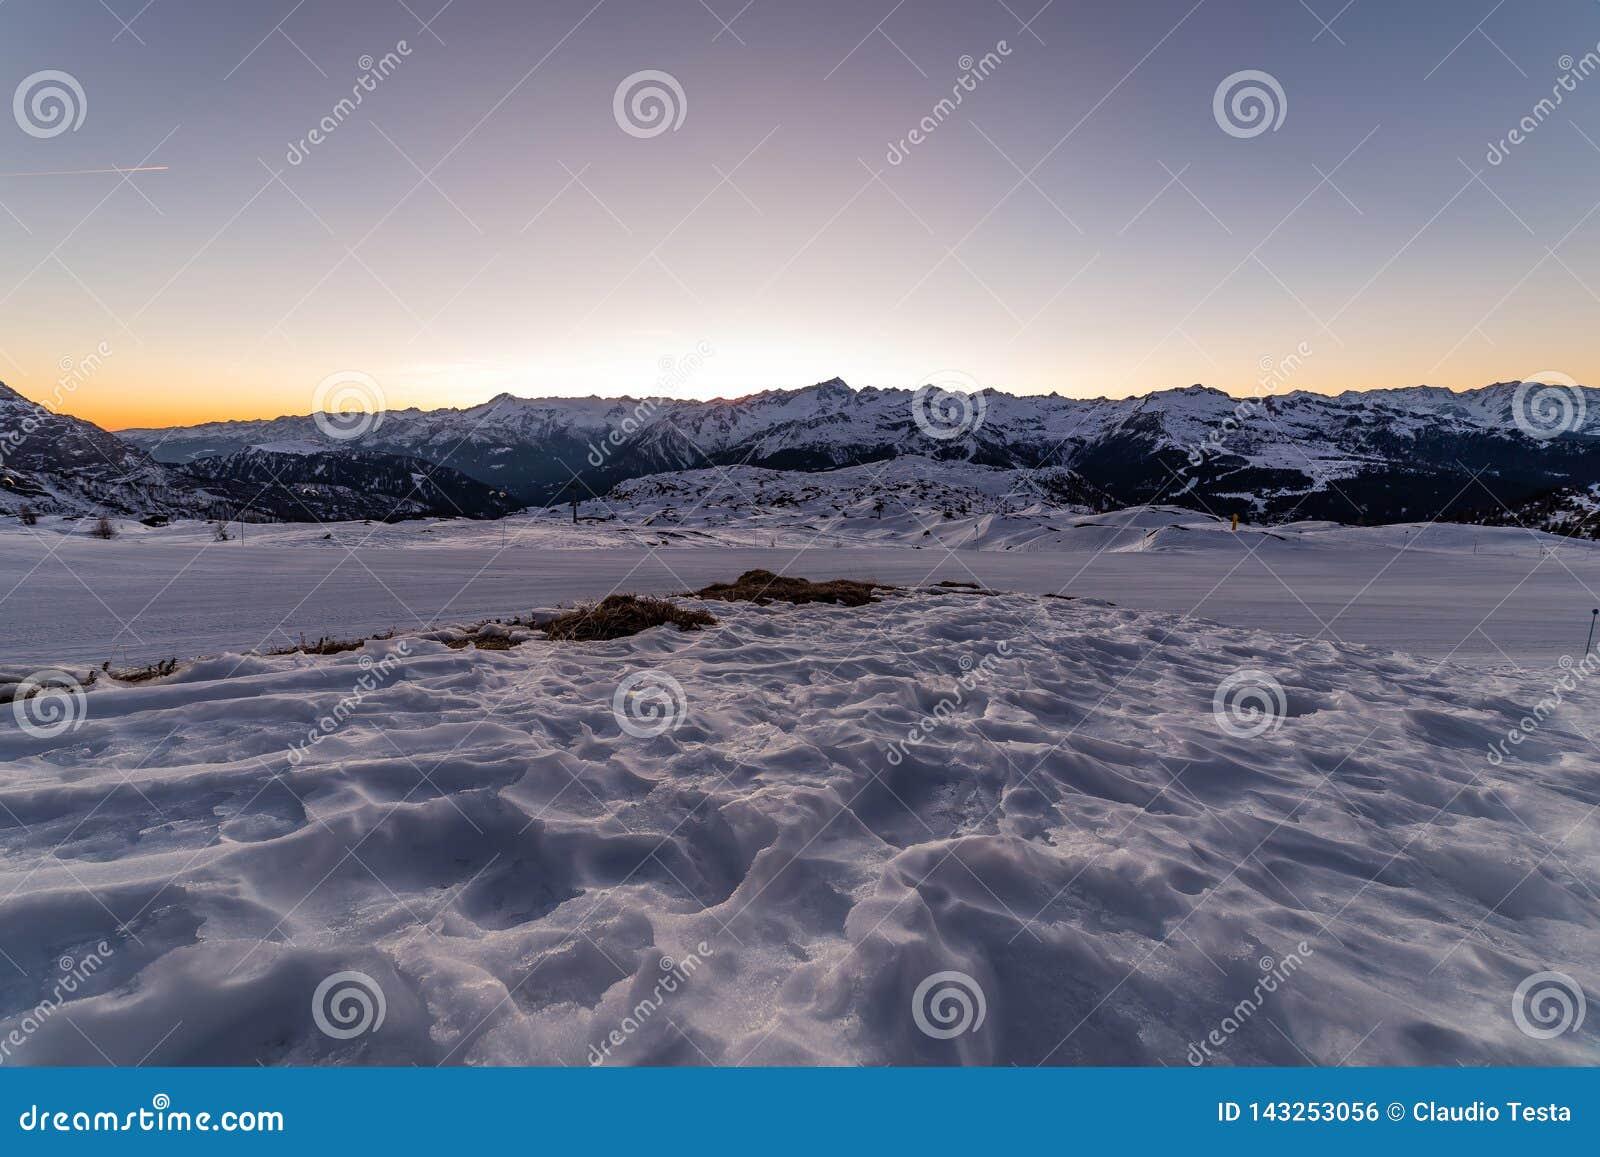 Trilhas do esqui no por do sol